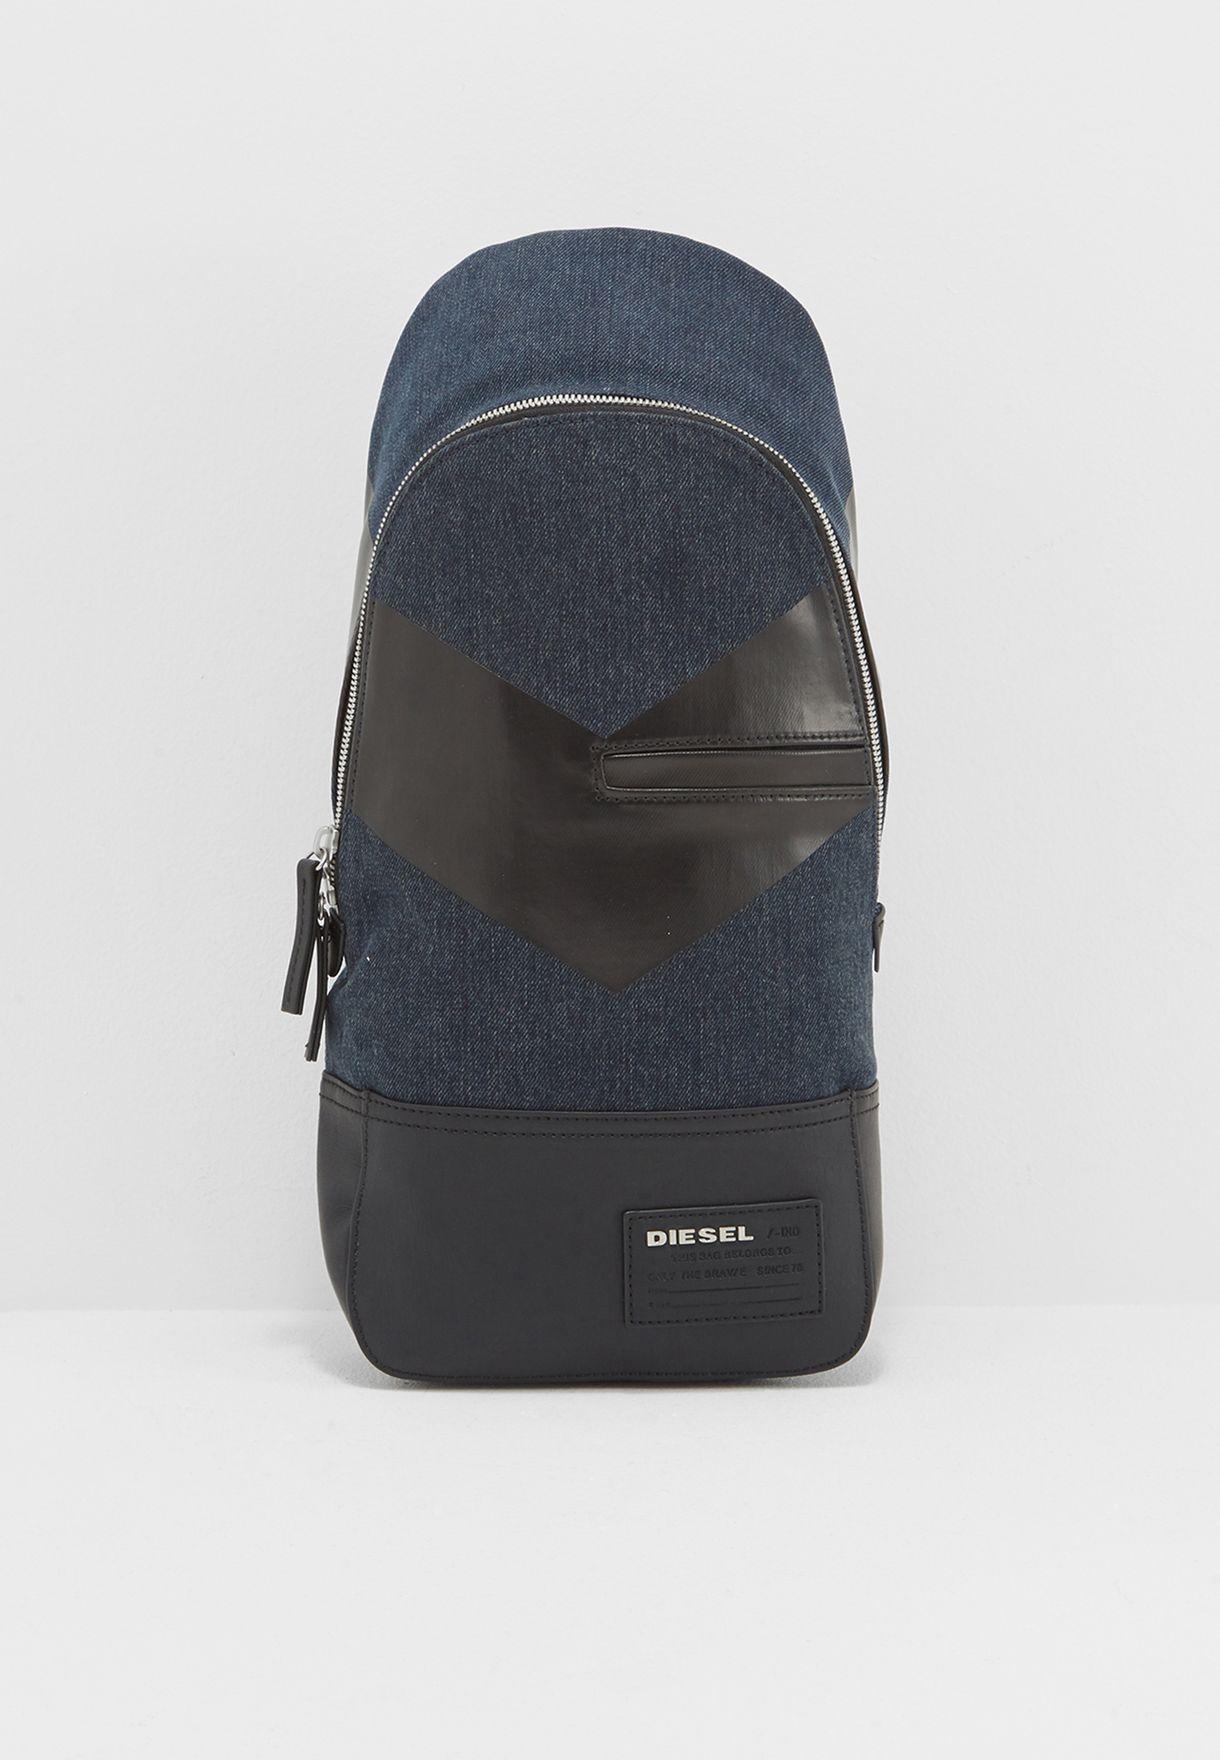 Discover Cross Bag